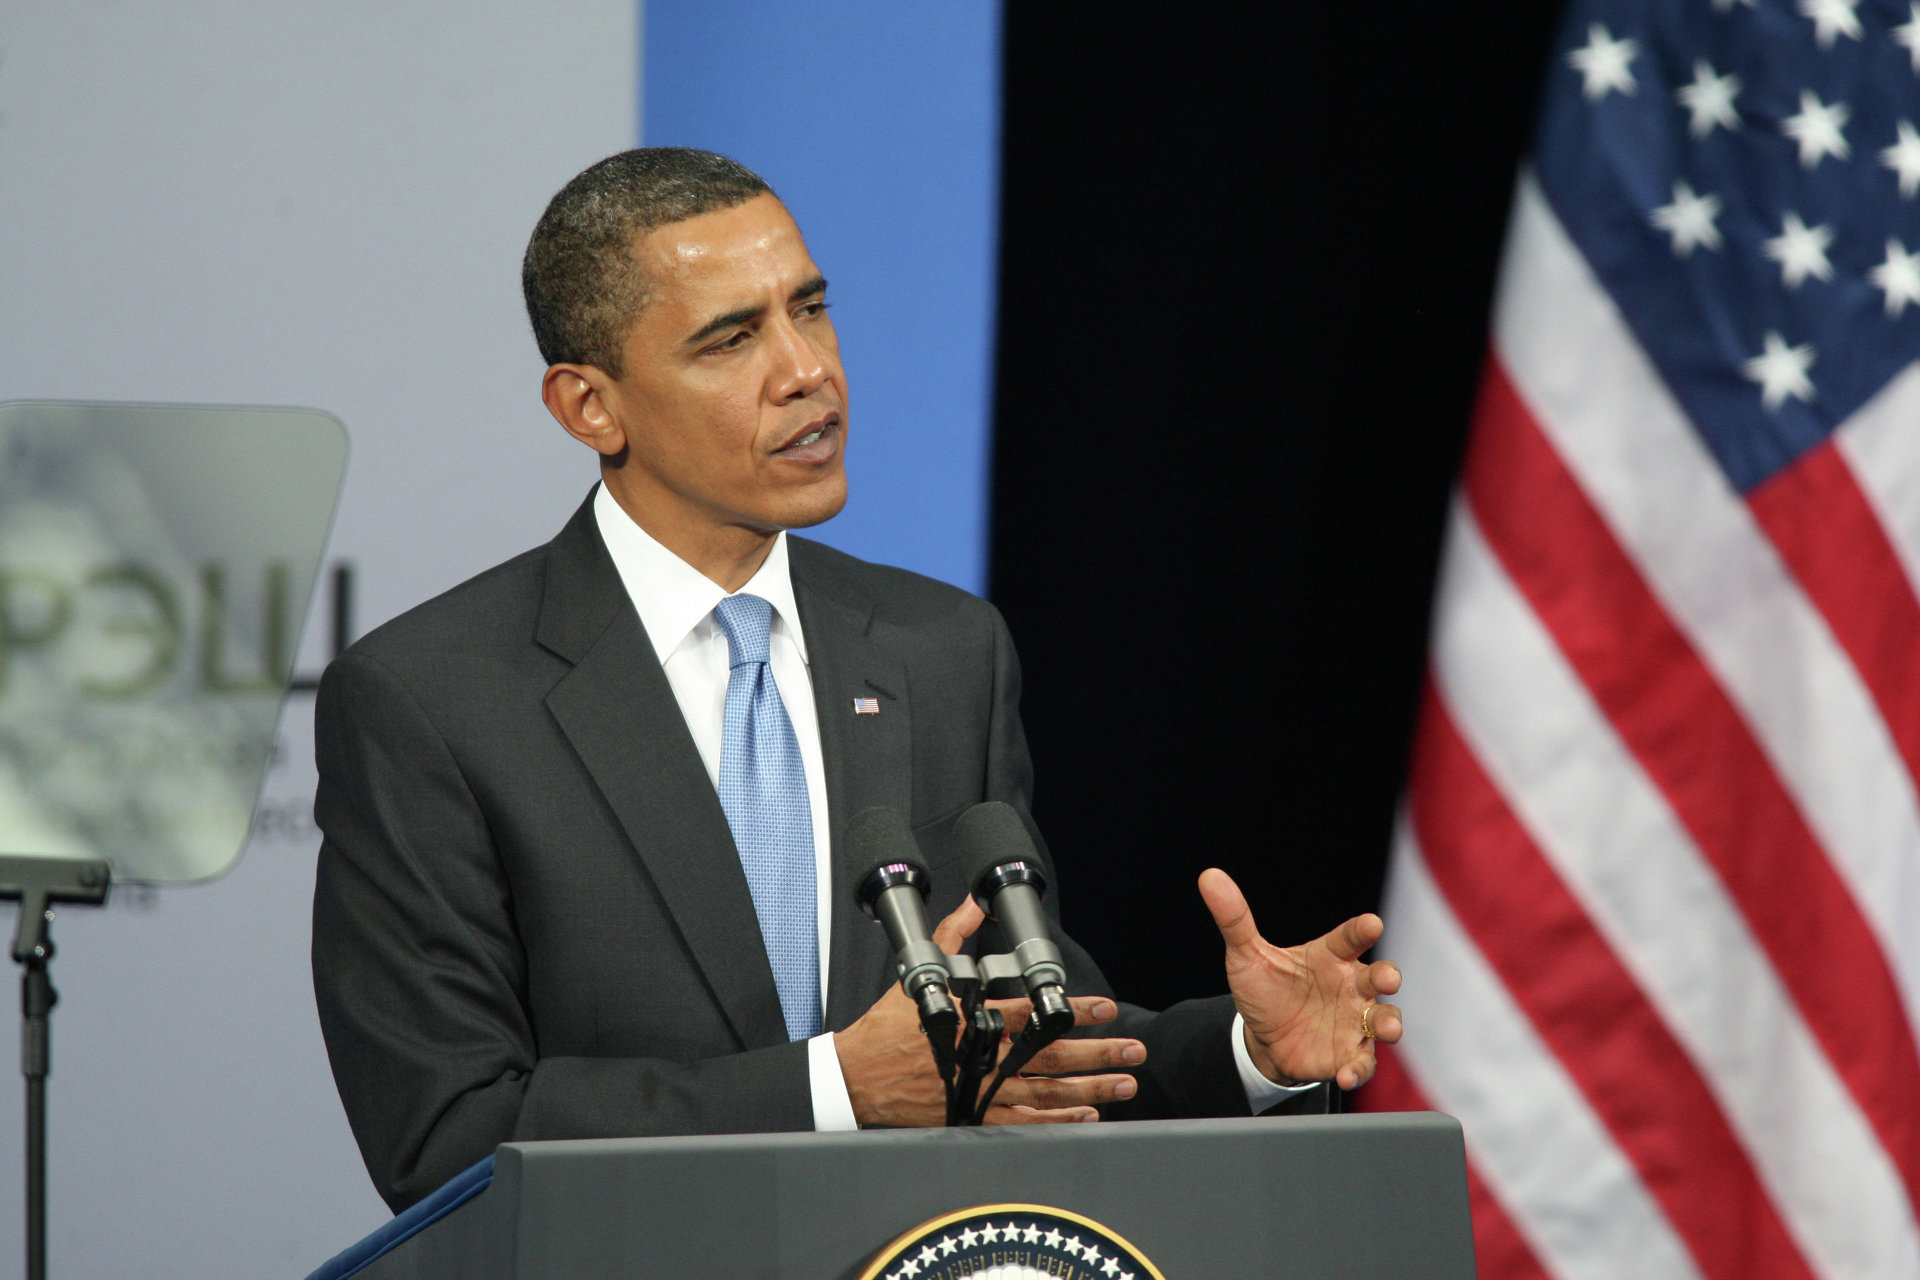 barack obama democracy vs andrew jackson democracy